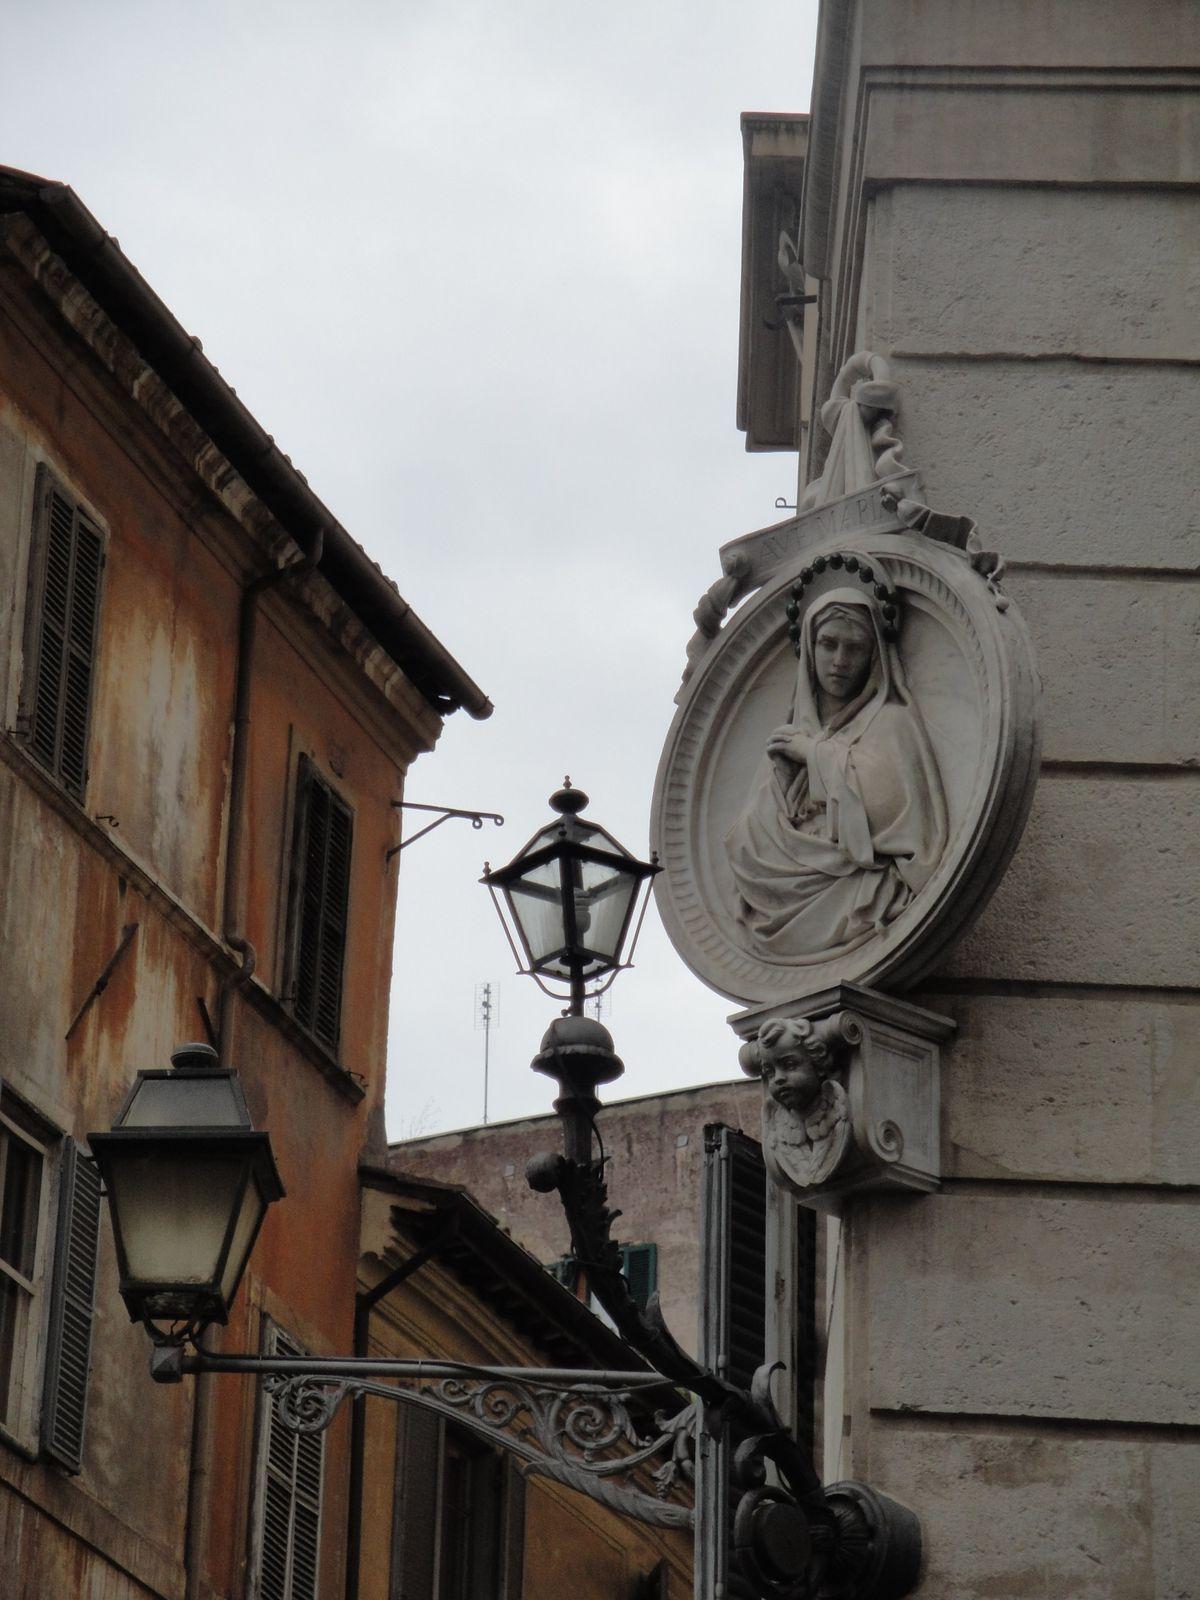 Les 'madonelle' sont ces figures de la Ste Vierge, sur les murs des villes italiennes (Bien qu'il y en ait en Espagne et dans le sud de la France aussi)